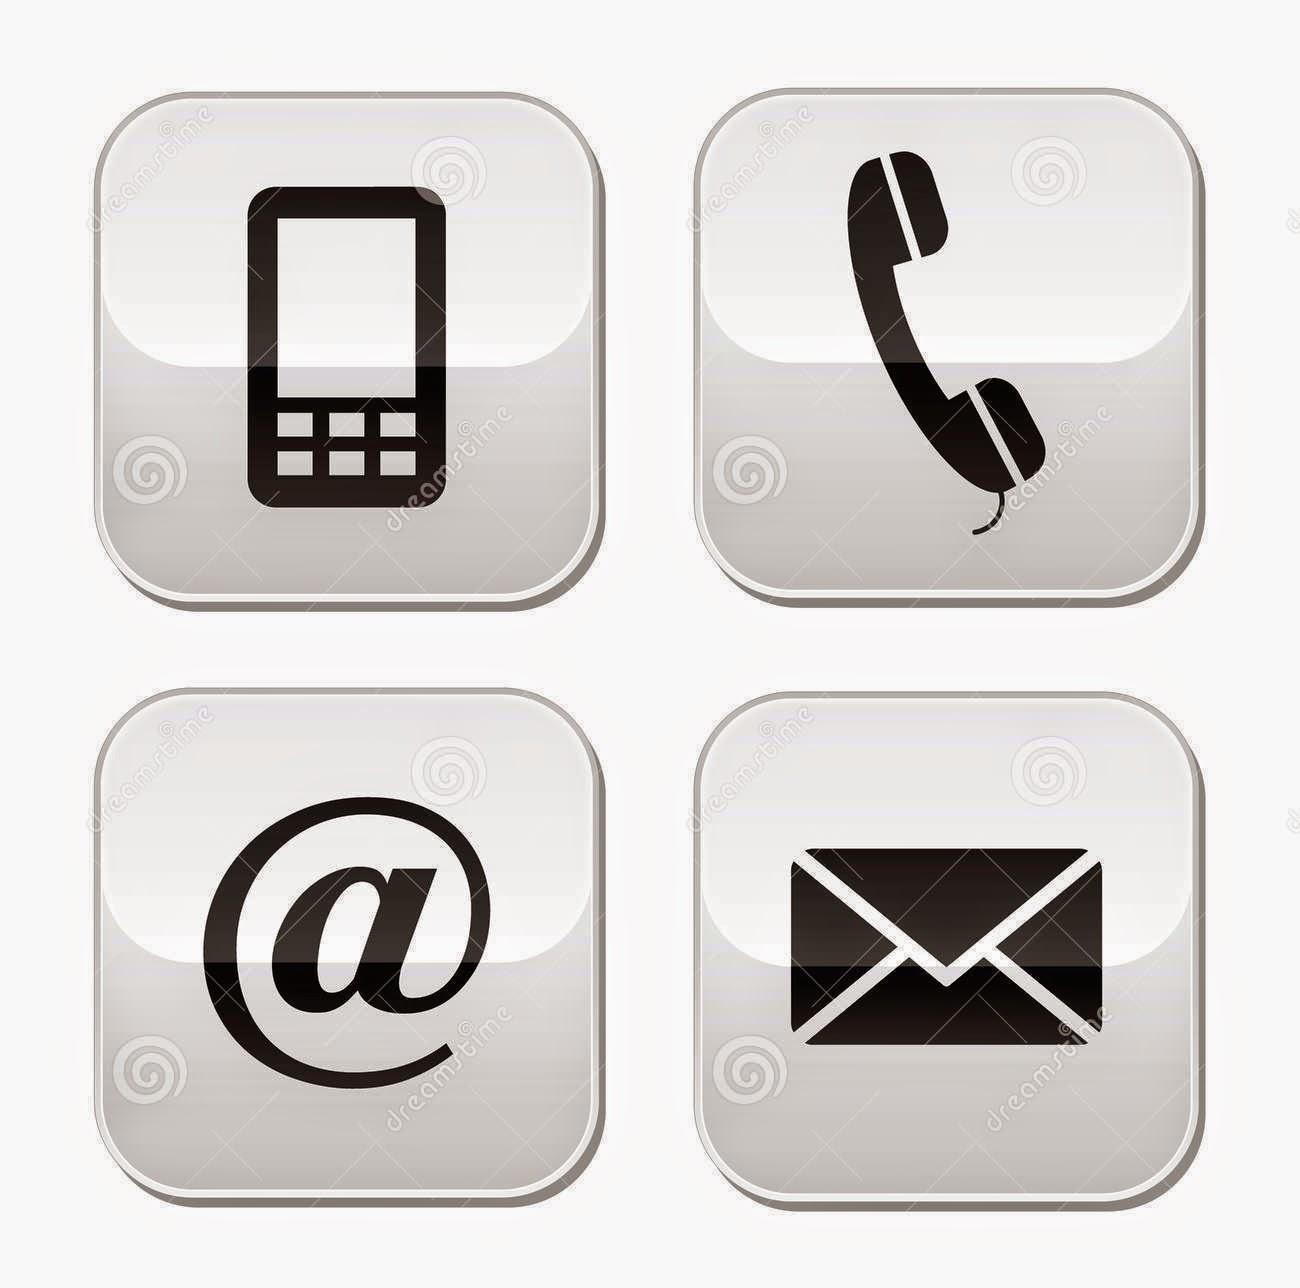 Para contactar con nosotros haga clic sobre cualquiera de los 4 iconos